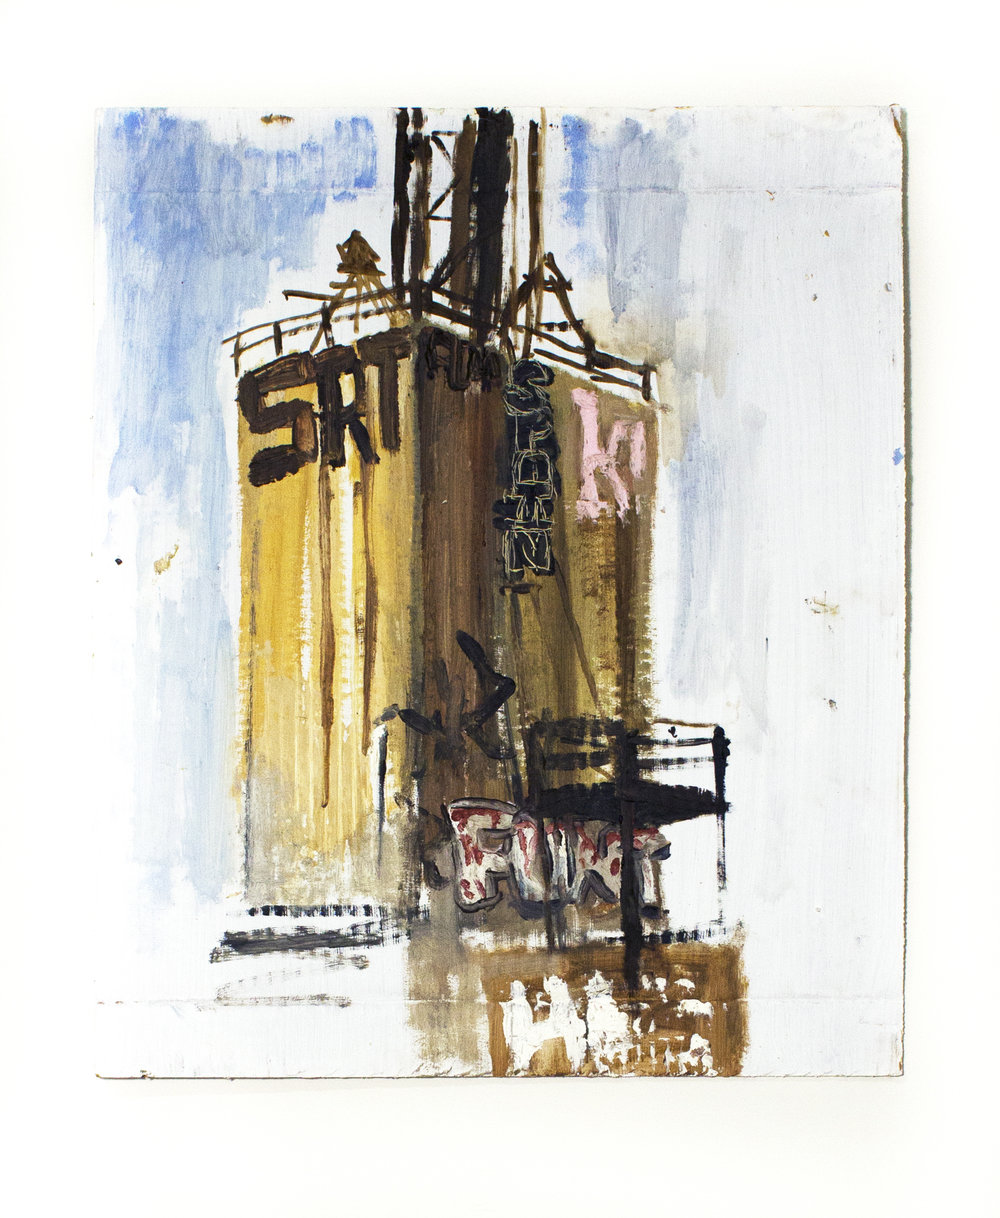 towerprep2_1971.jpg